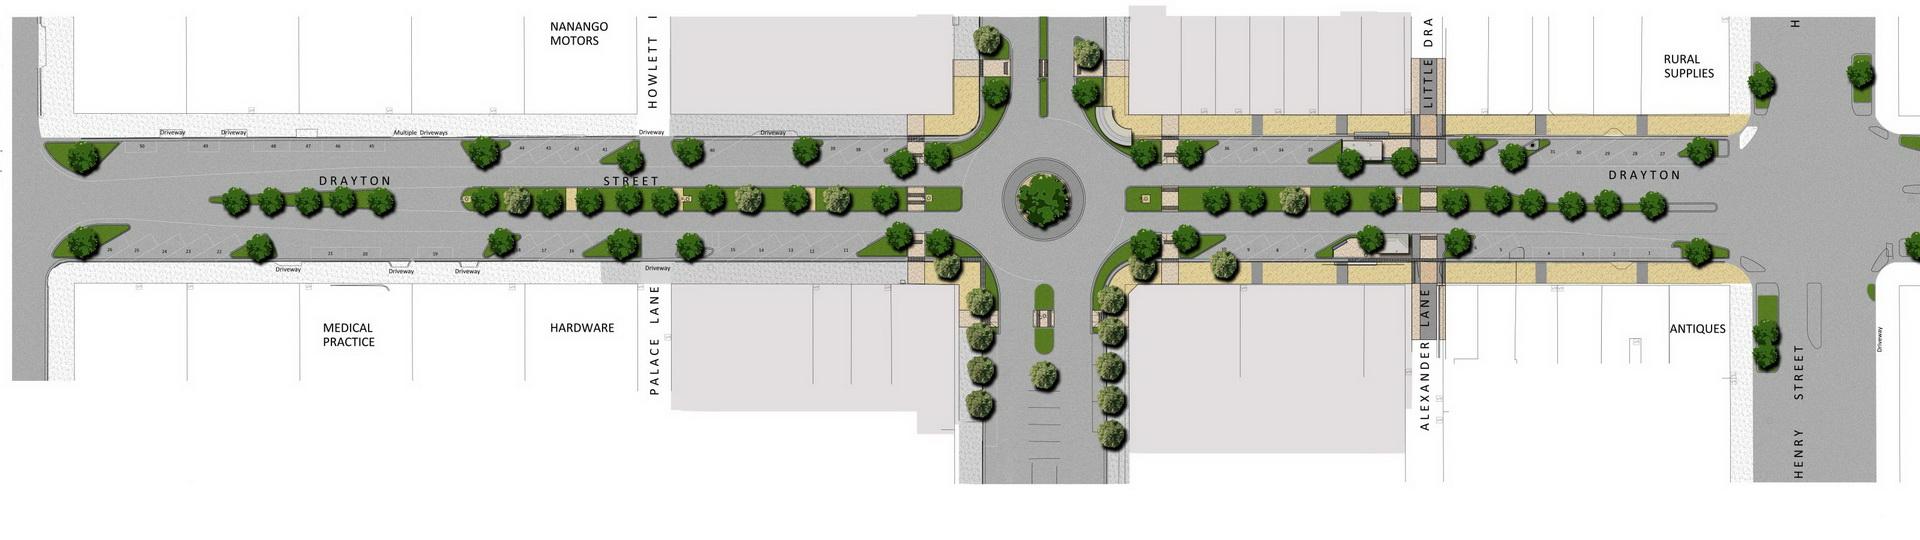 JFP Landscape Architects review Gladstone project plans